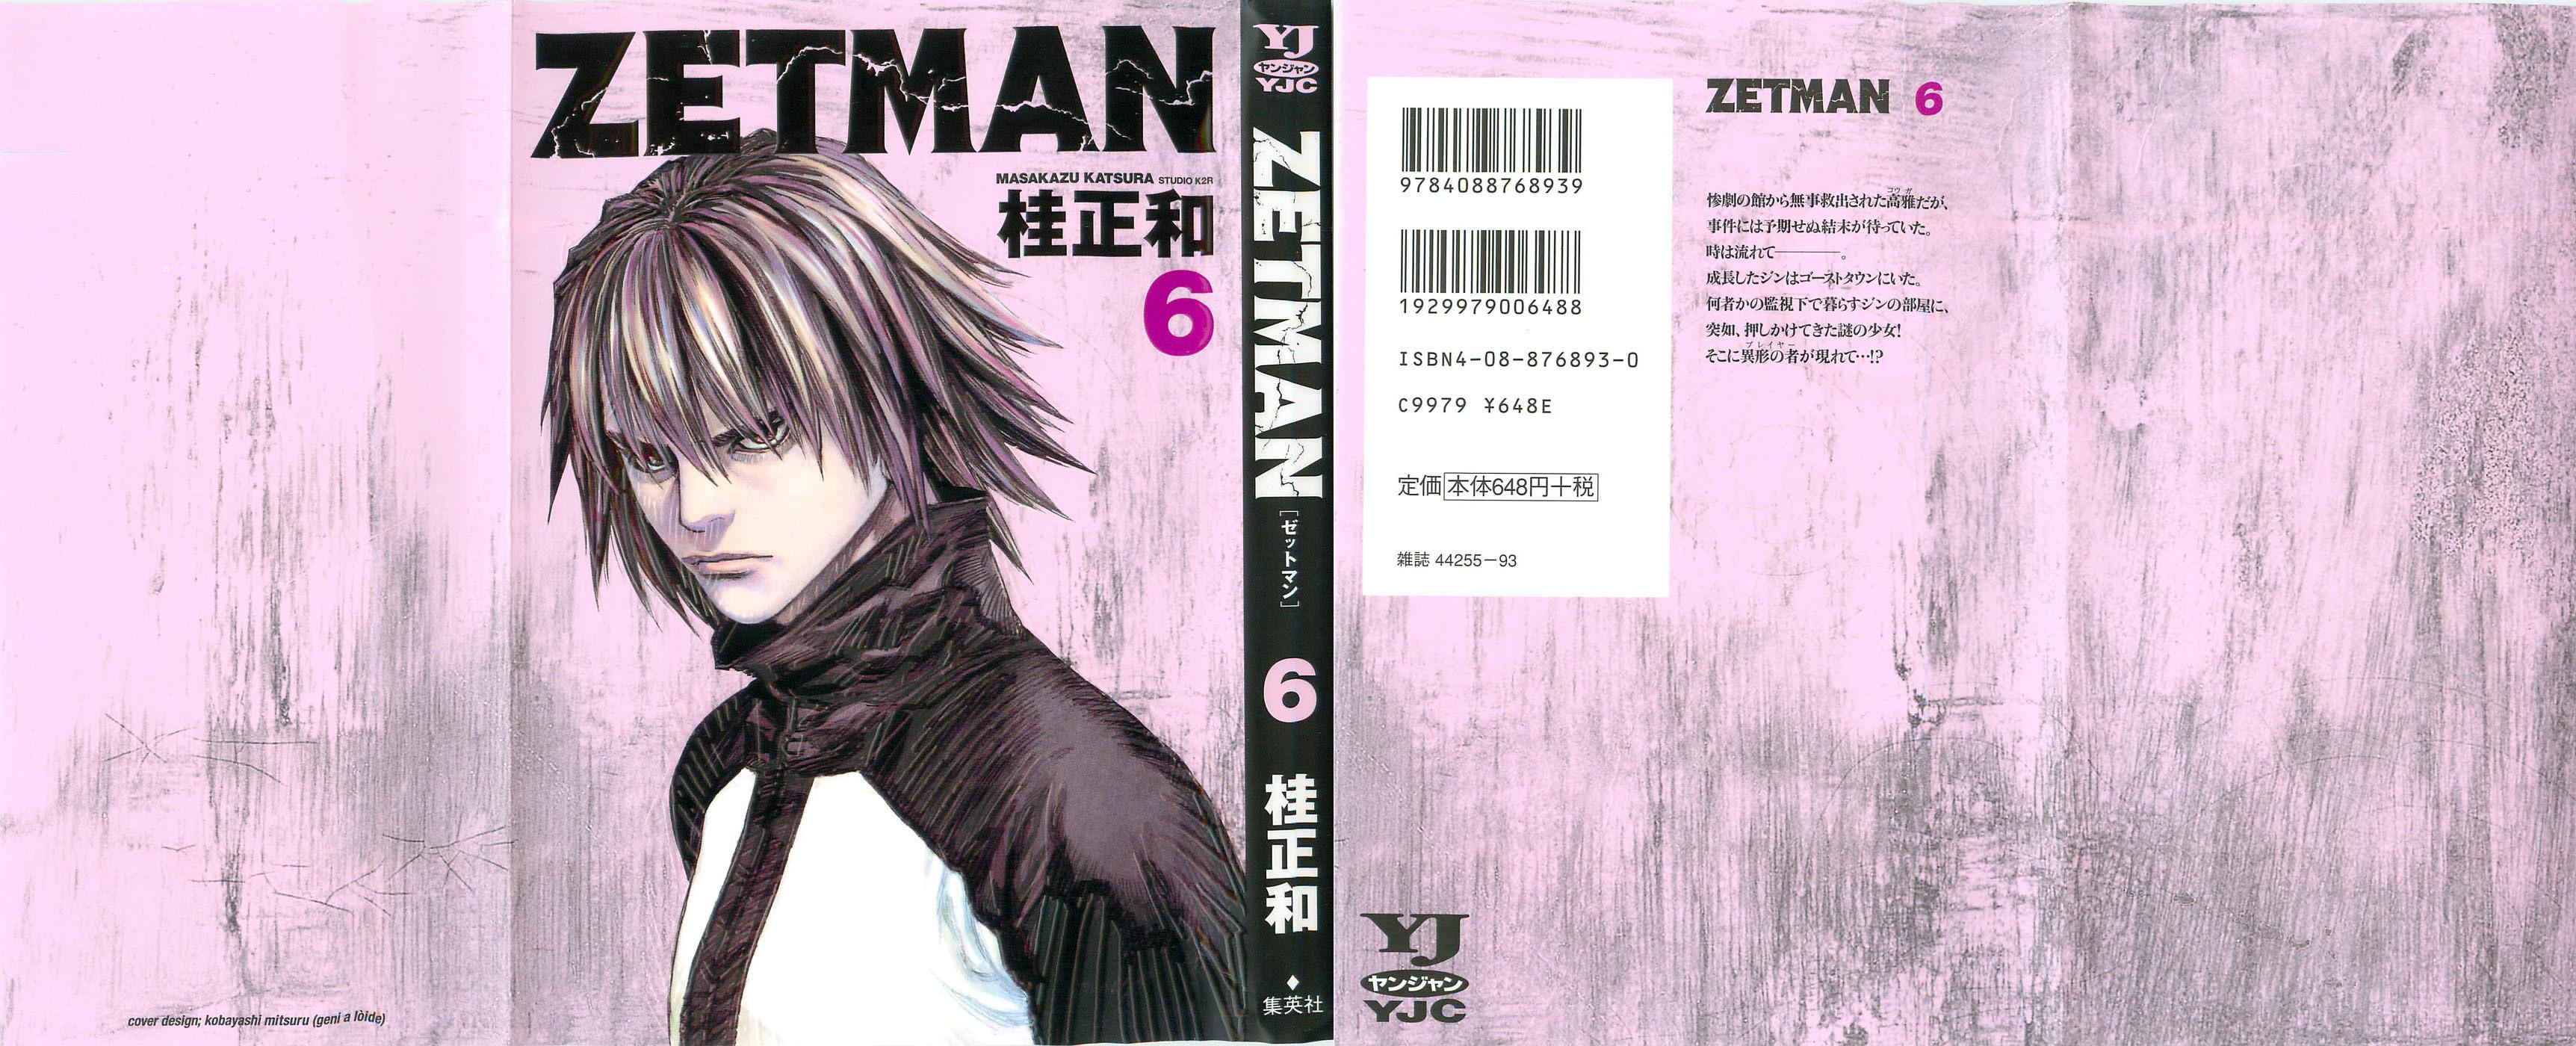 Zetman Tome 15 - Masakazu Katsura